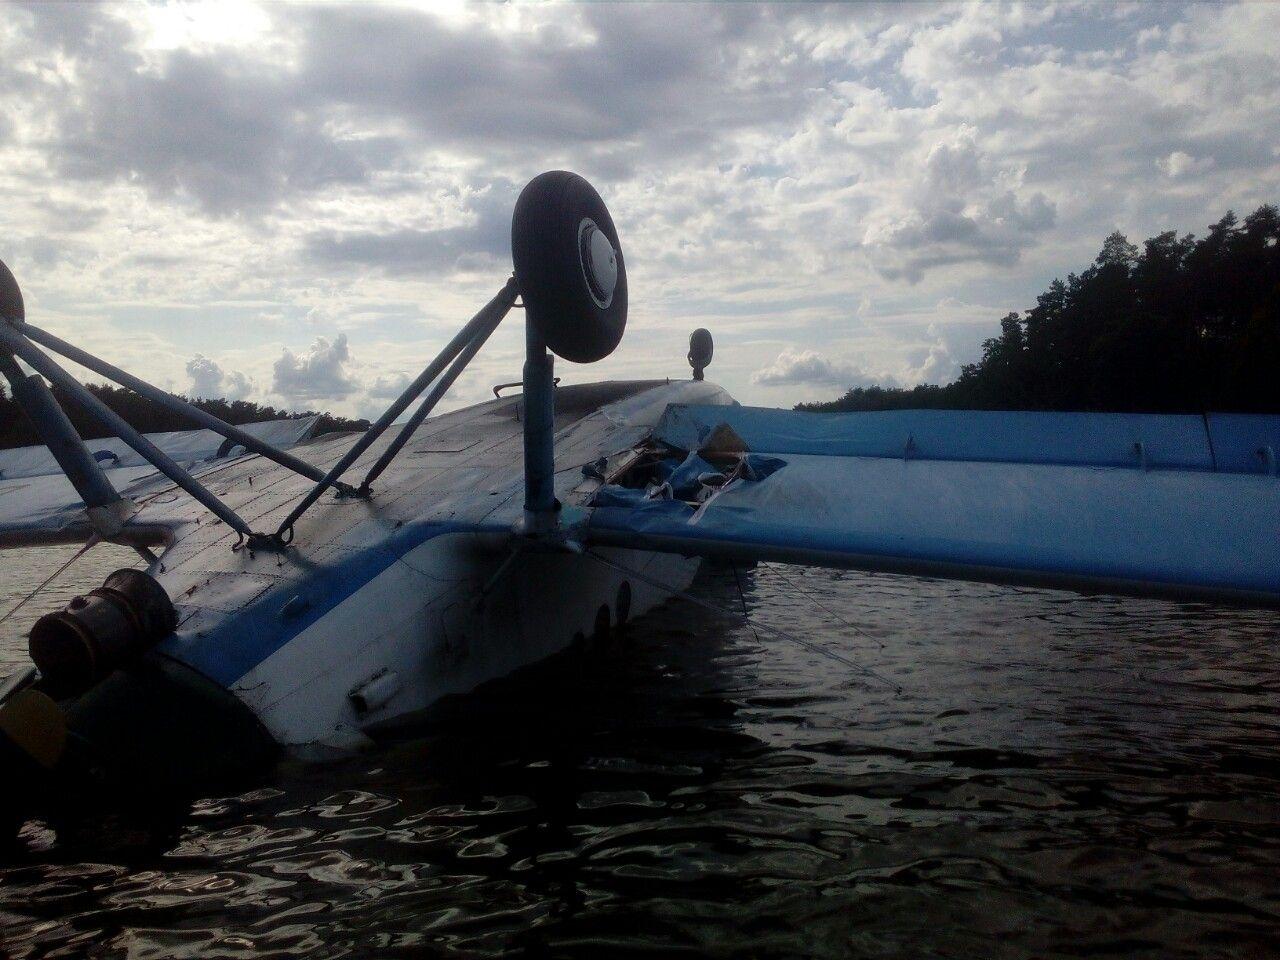 В Киеве самолет совершил аварийную посадку на озеро